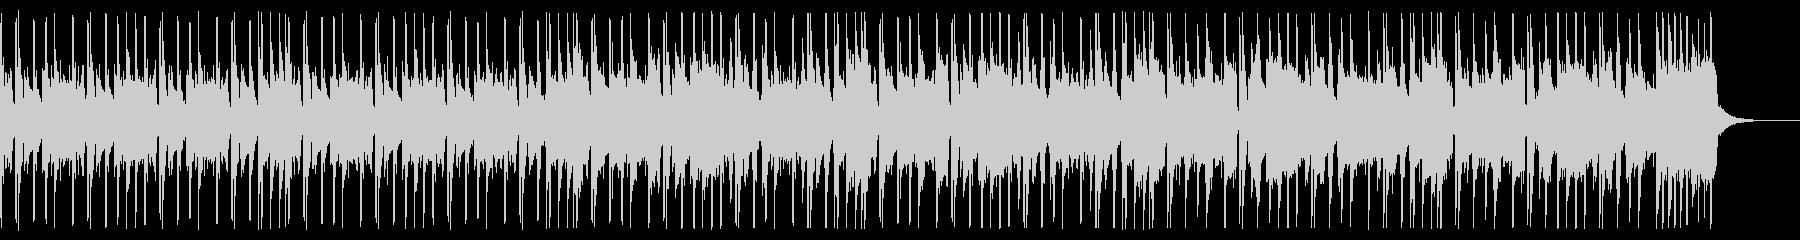 ベース&ブラスのファンクBGMの未再生の波形